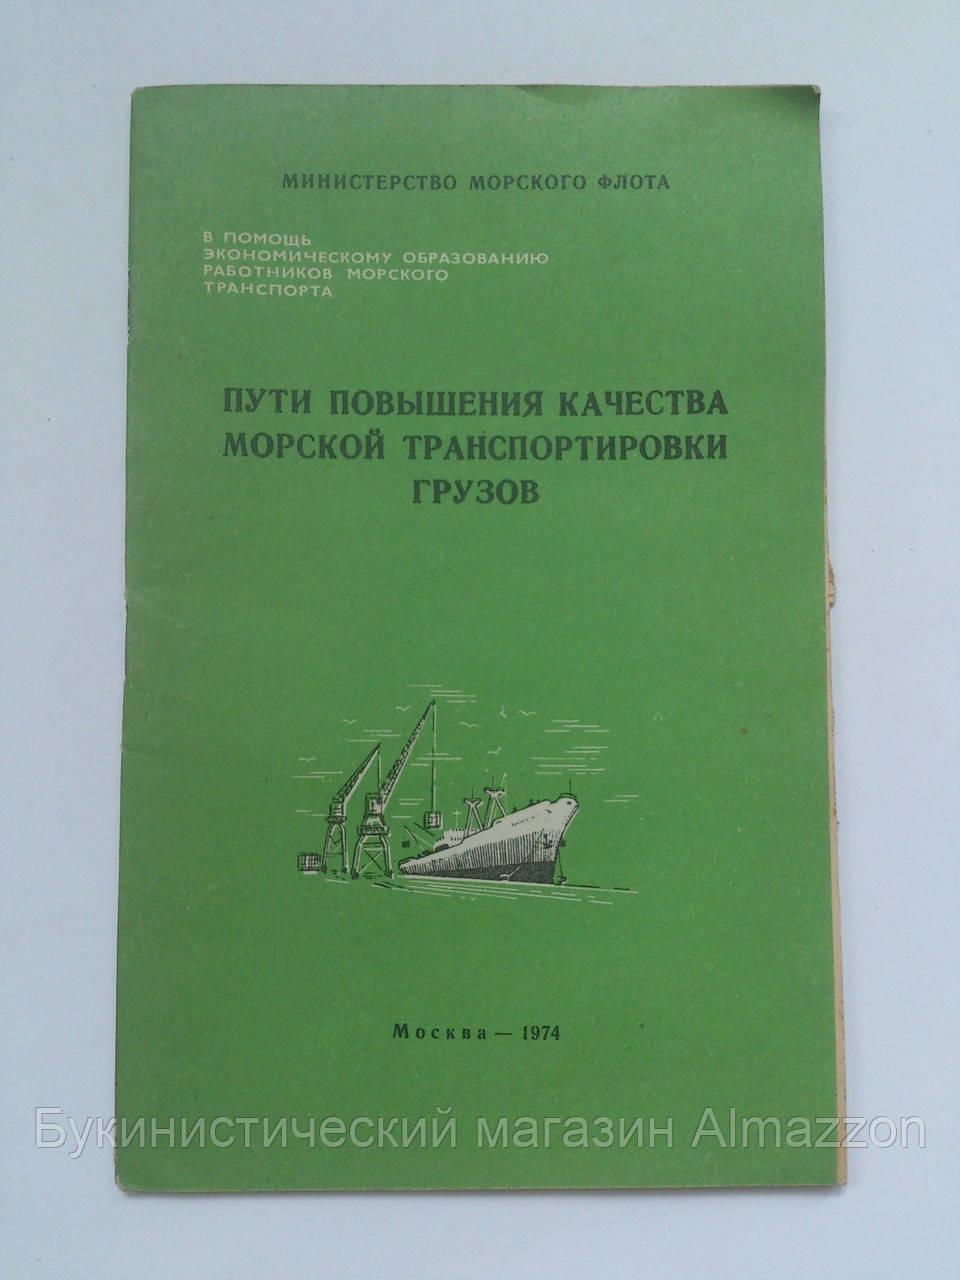 Пути повышения качества морской транспортировки грузов. ММФ СССР